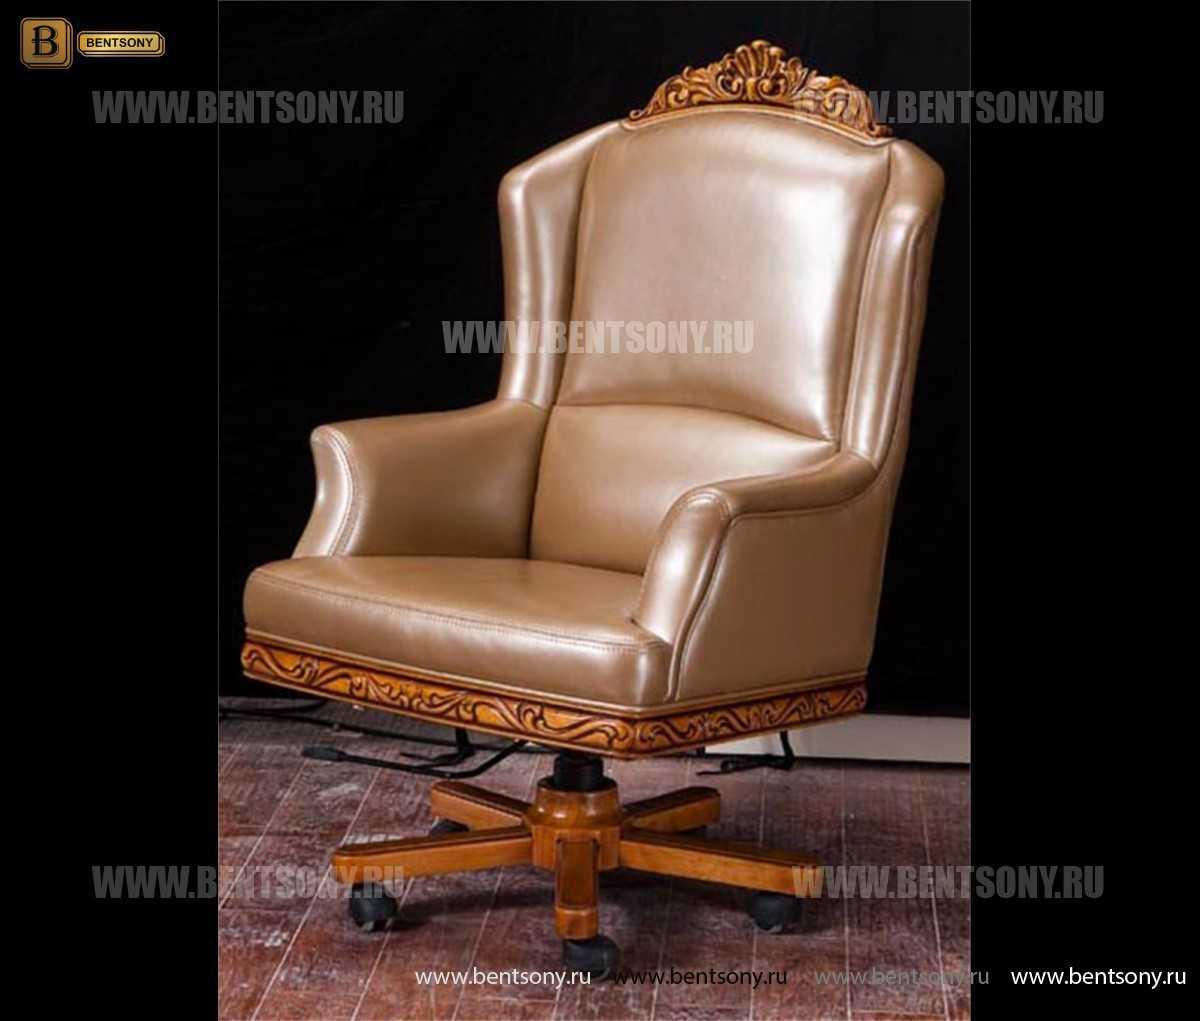 Кресло кабинетное Белмонт (Массив дерева, Кожа комбинированная) купить в Москве